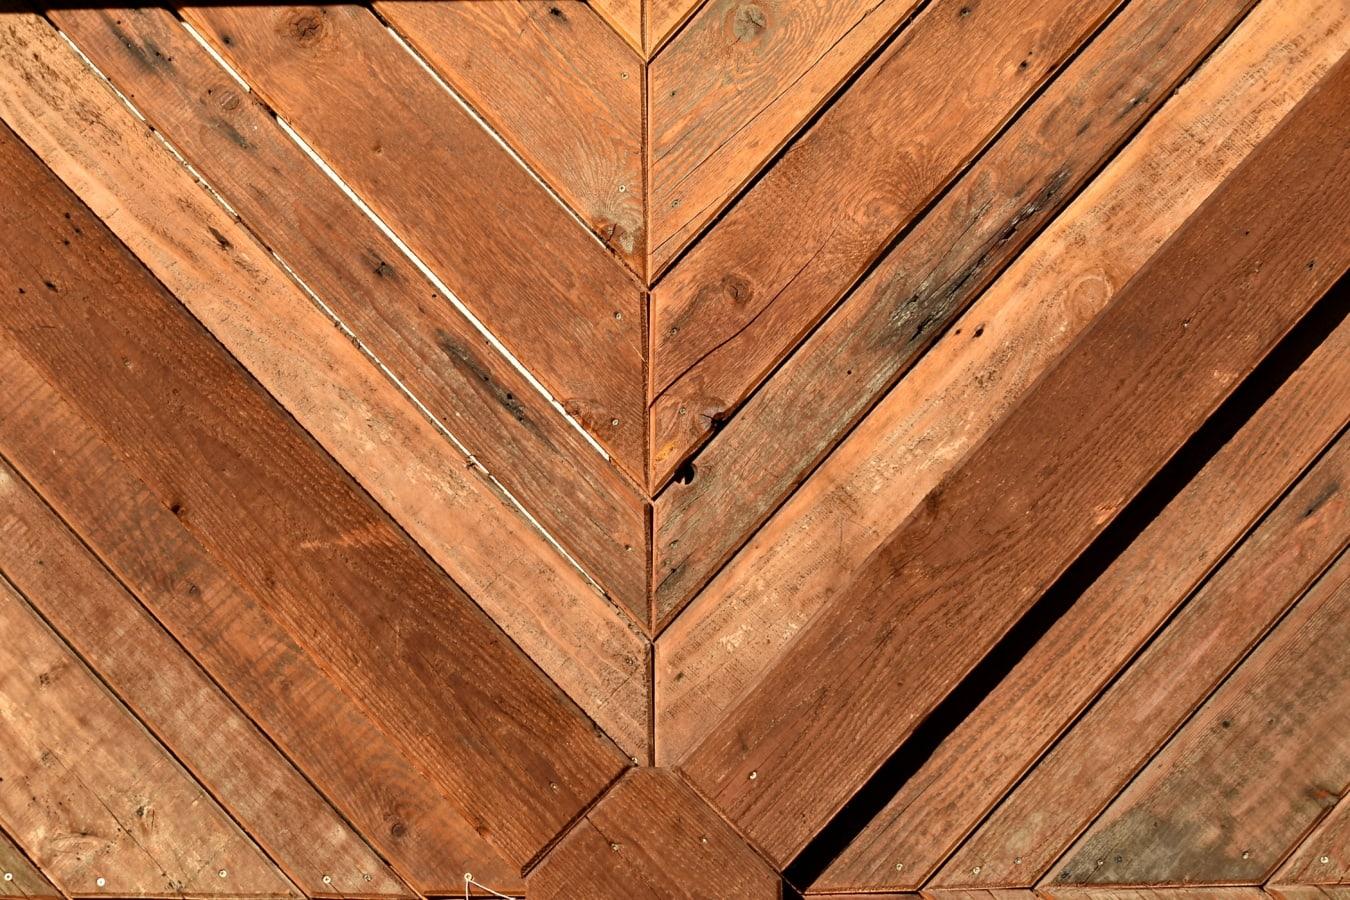 alten Stil, Eiche, Textur, Tischlerei, aus Holz, Hartholz, Holz, Oberfläche, Panel, rau